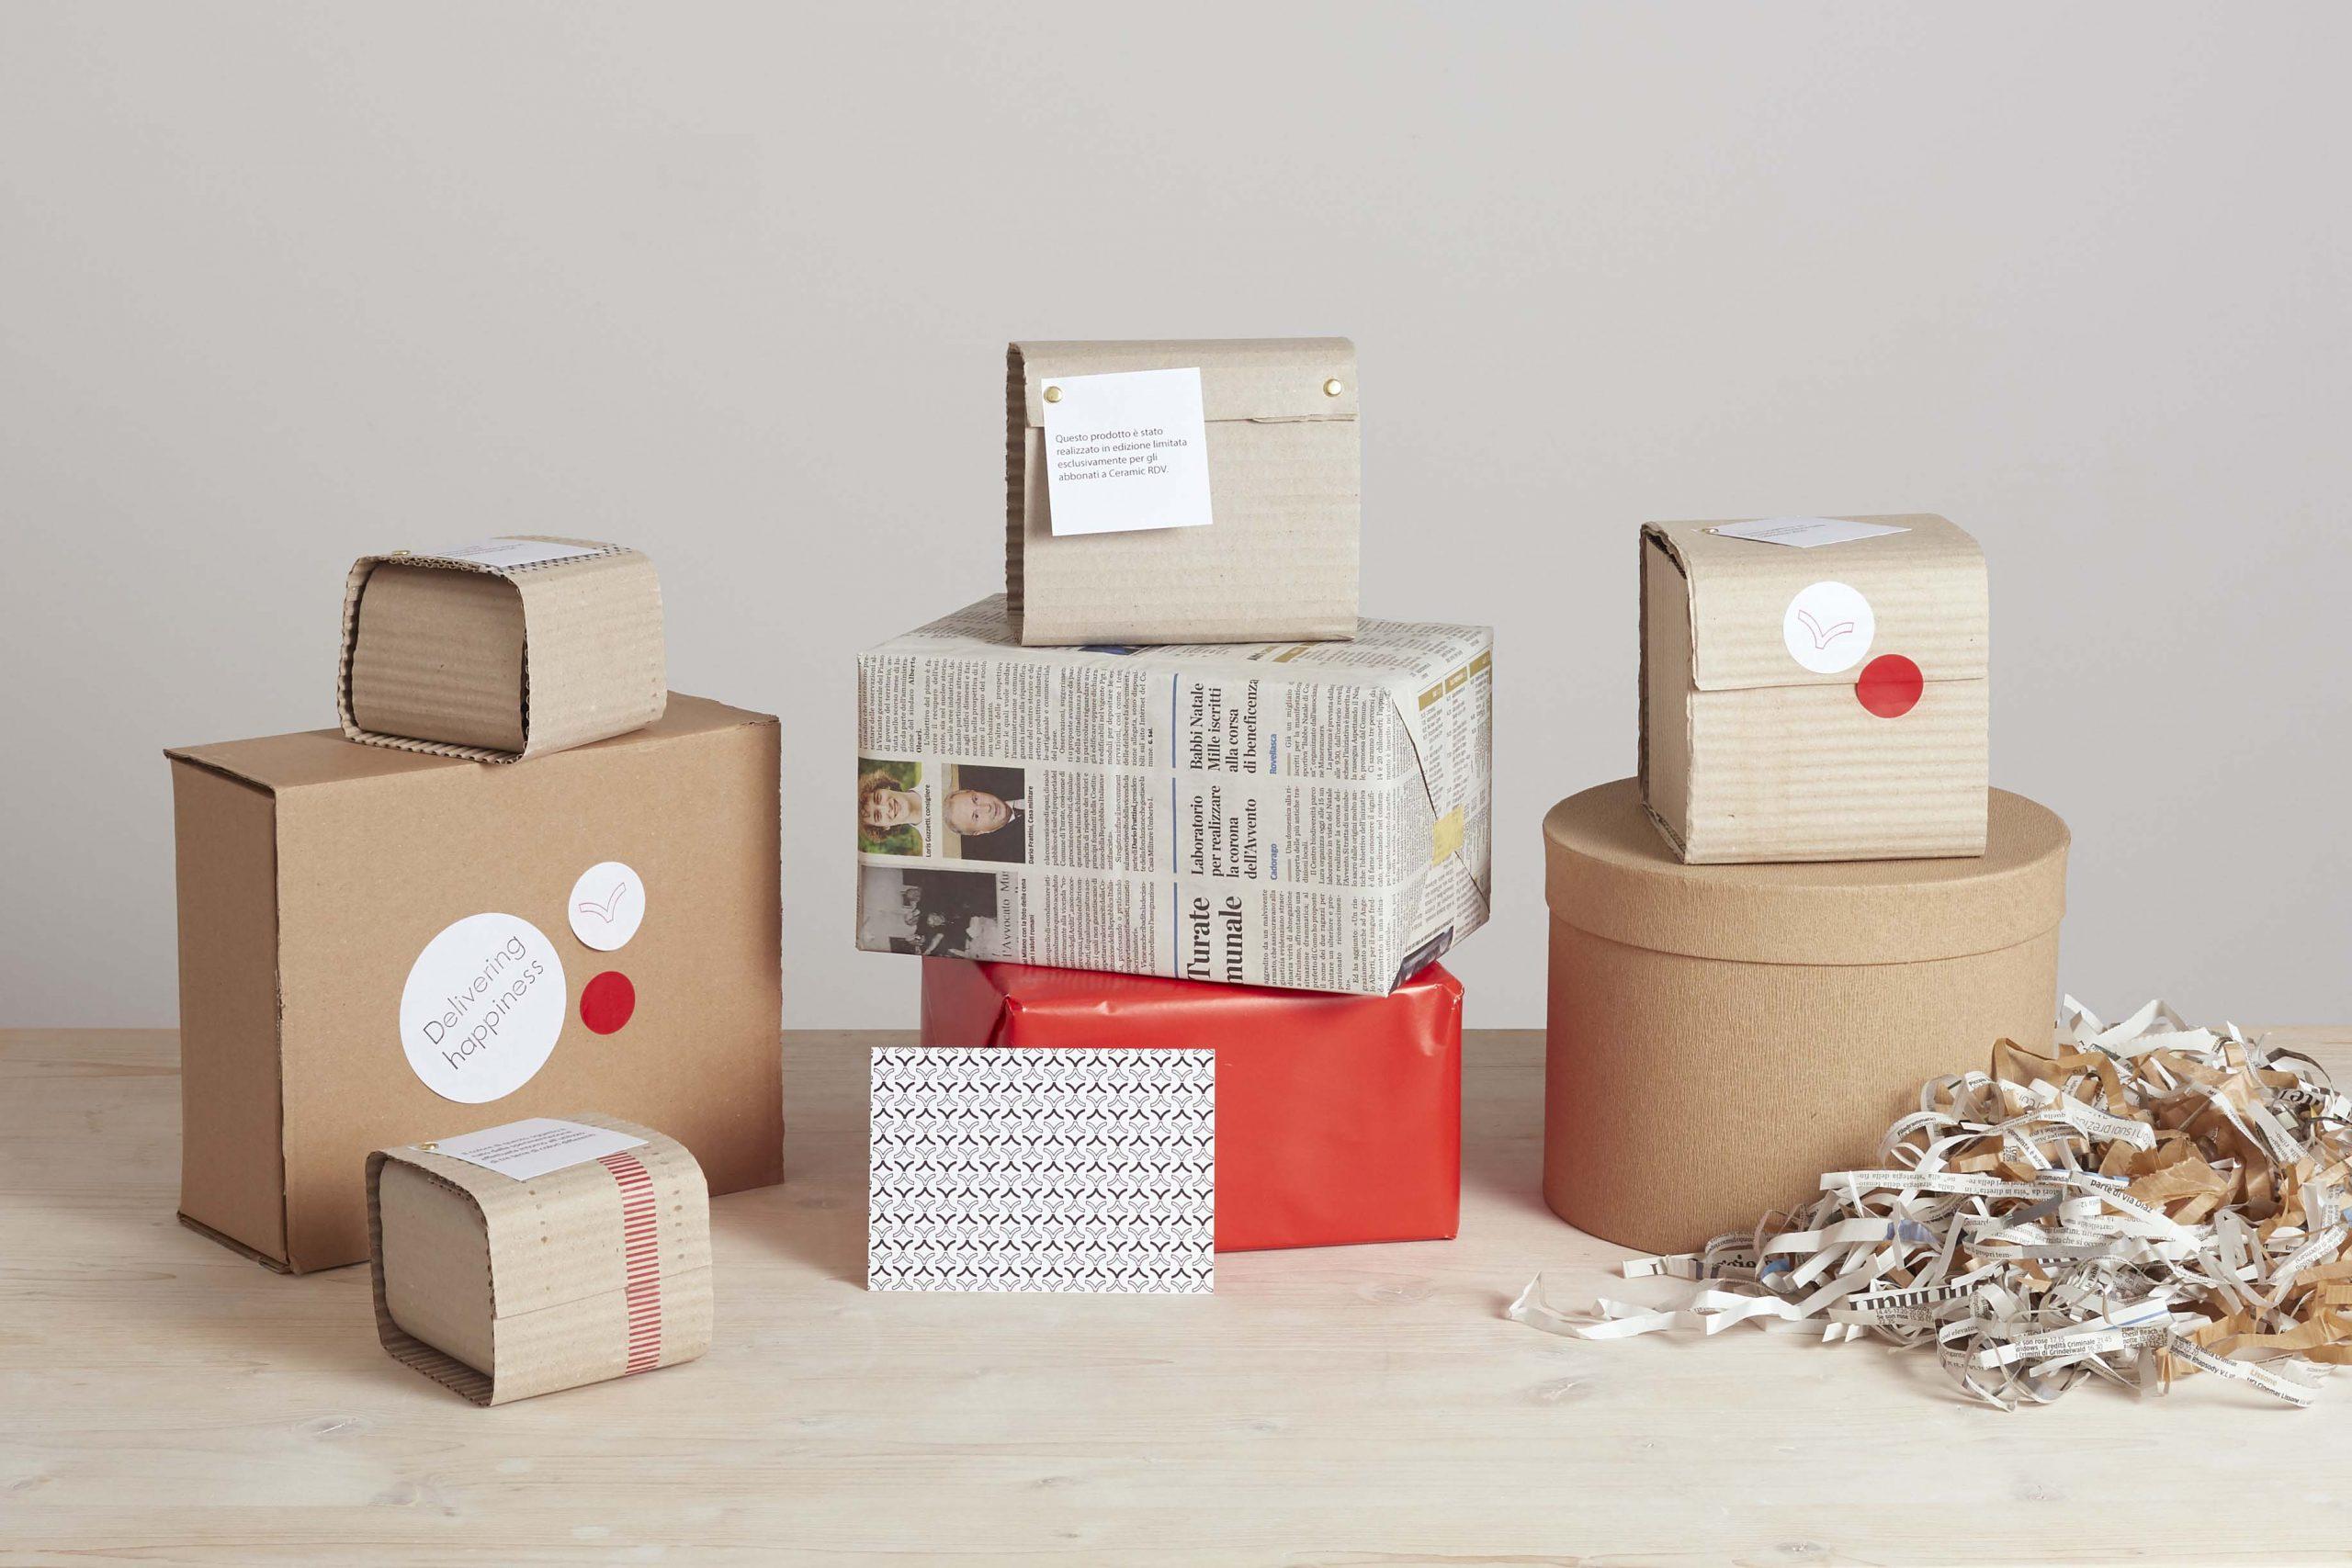 scatole, pacchi e imballaggio - artigianale - Federica Ramacciotti